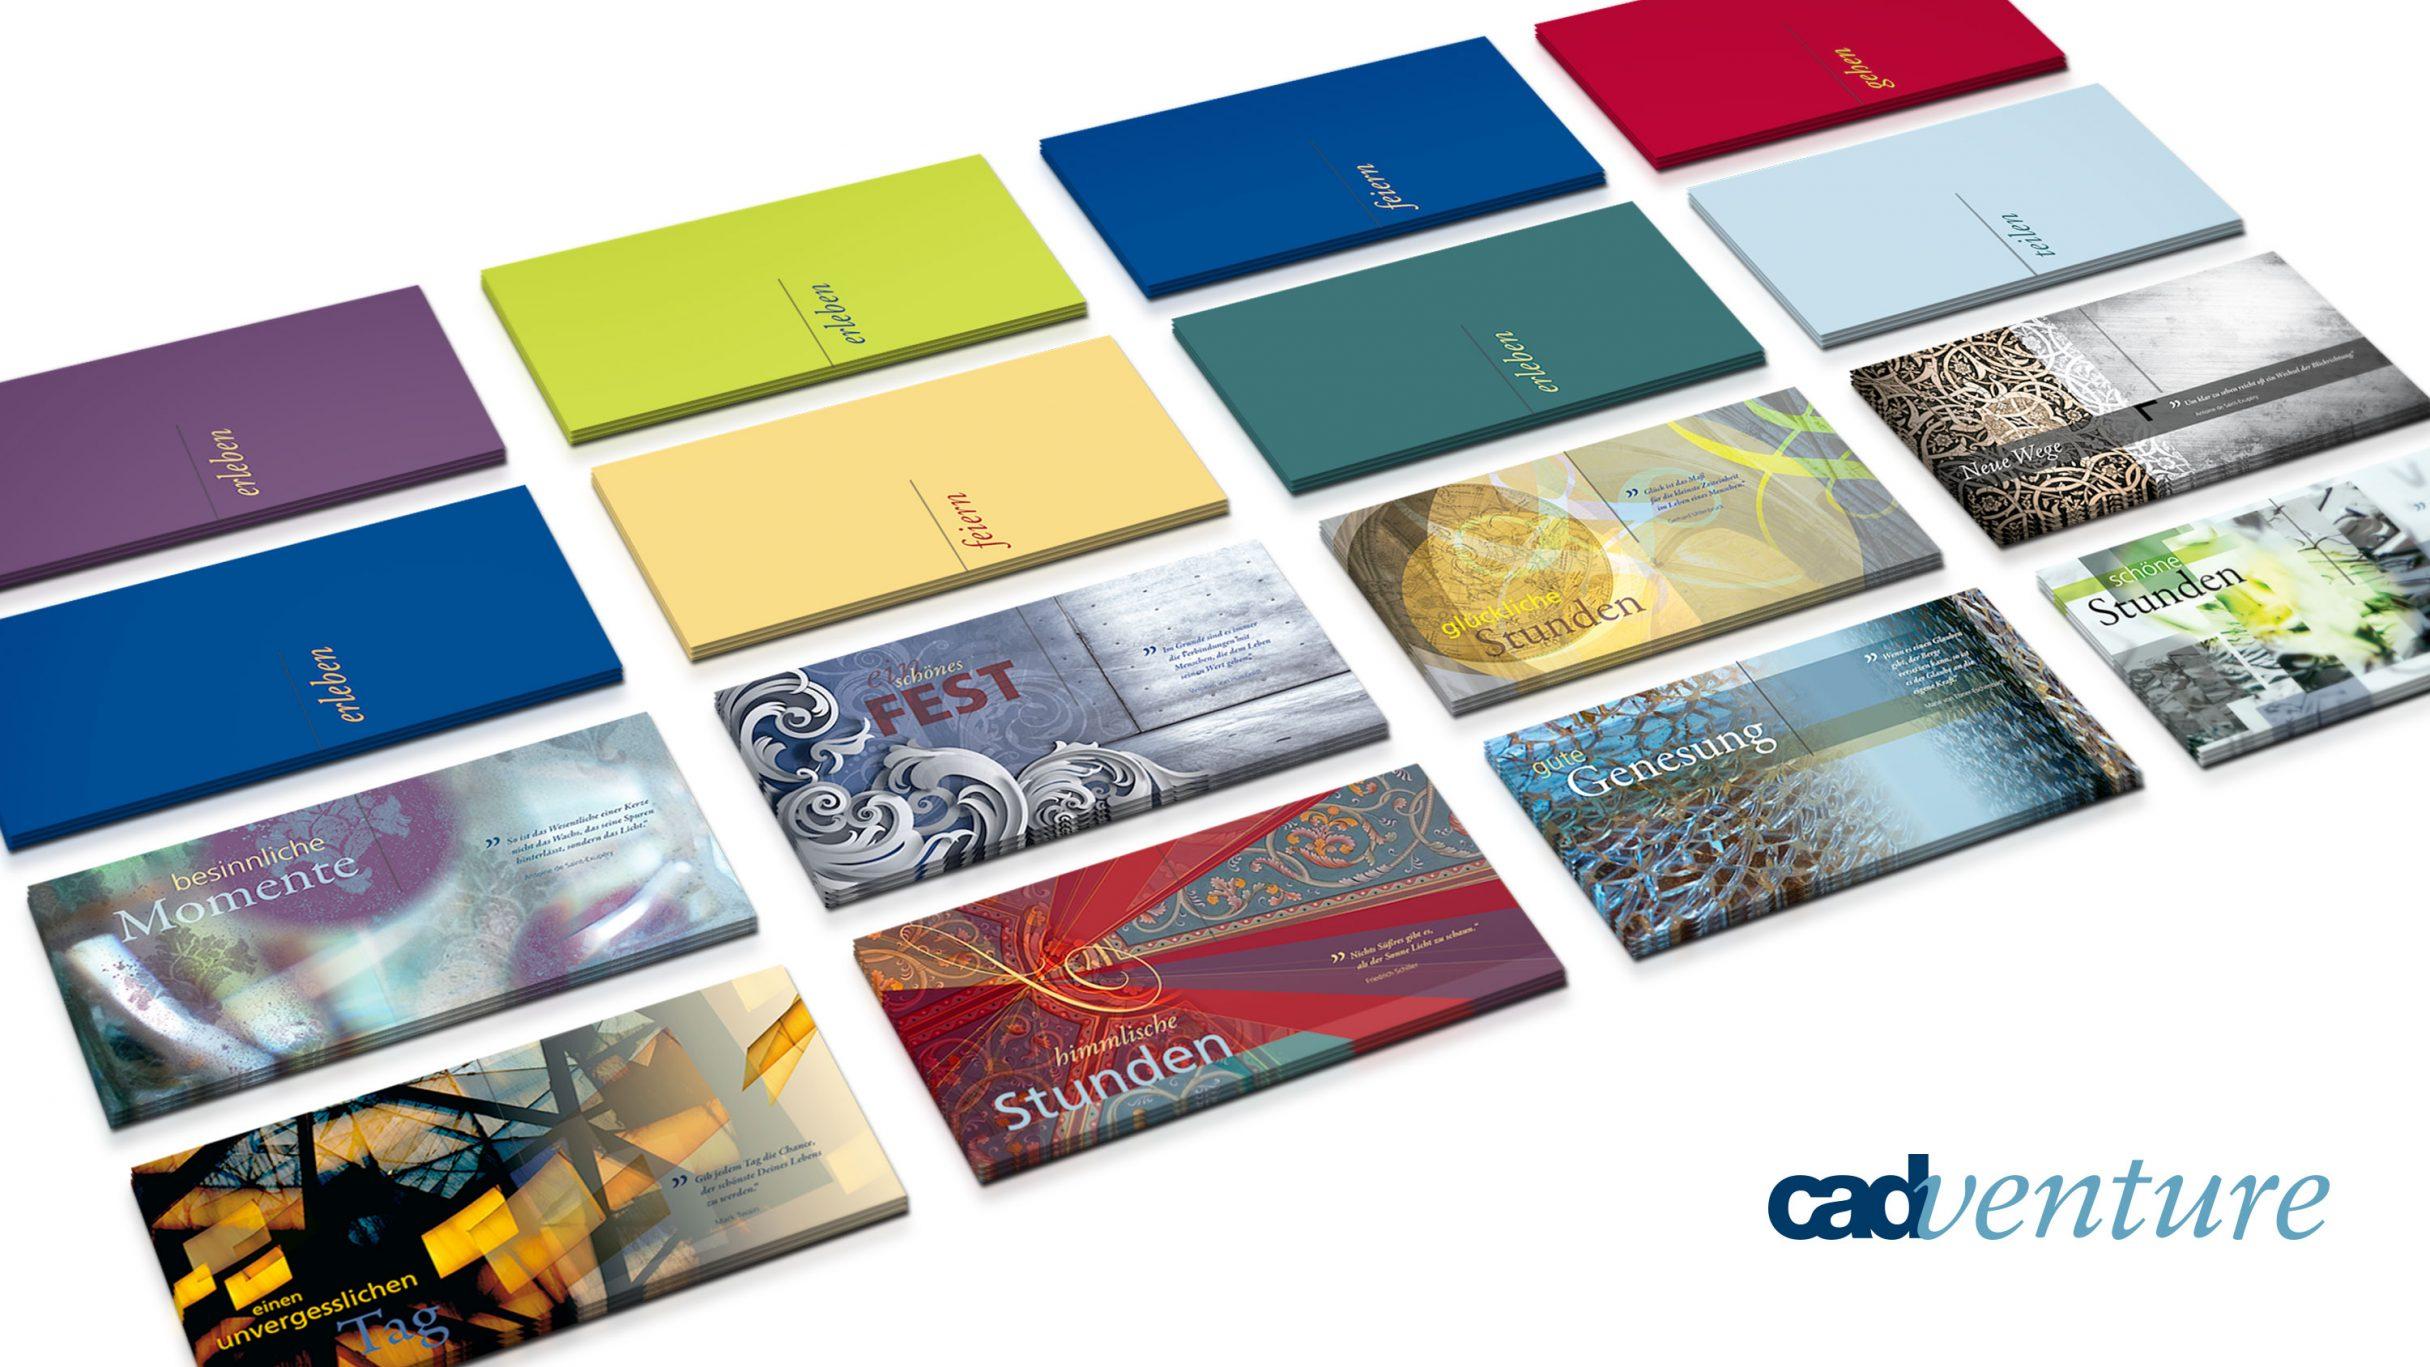 Corporate Design, Grußkartenset für cadventure: DIE NEUDENKER® Agentur, Darmstadt